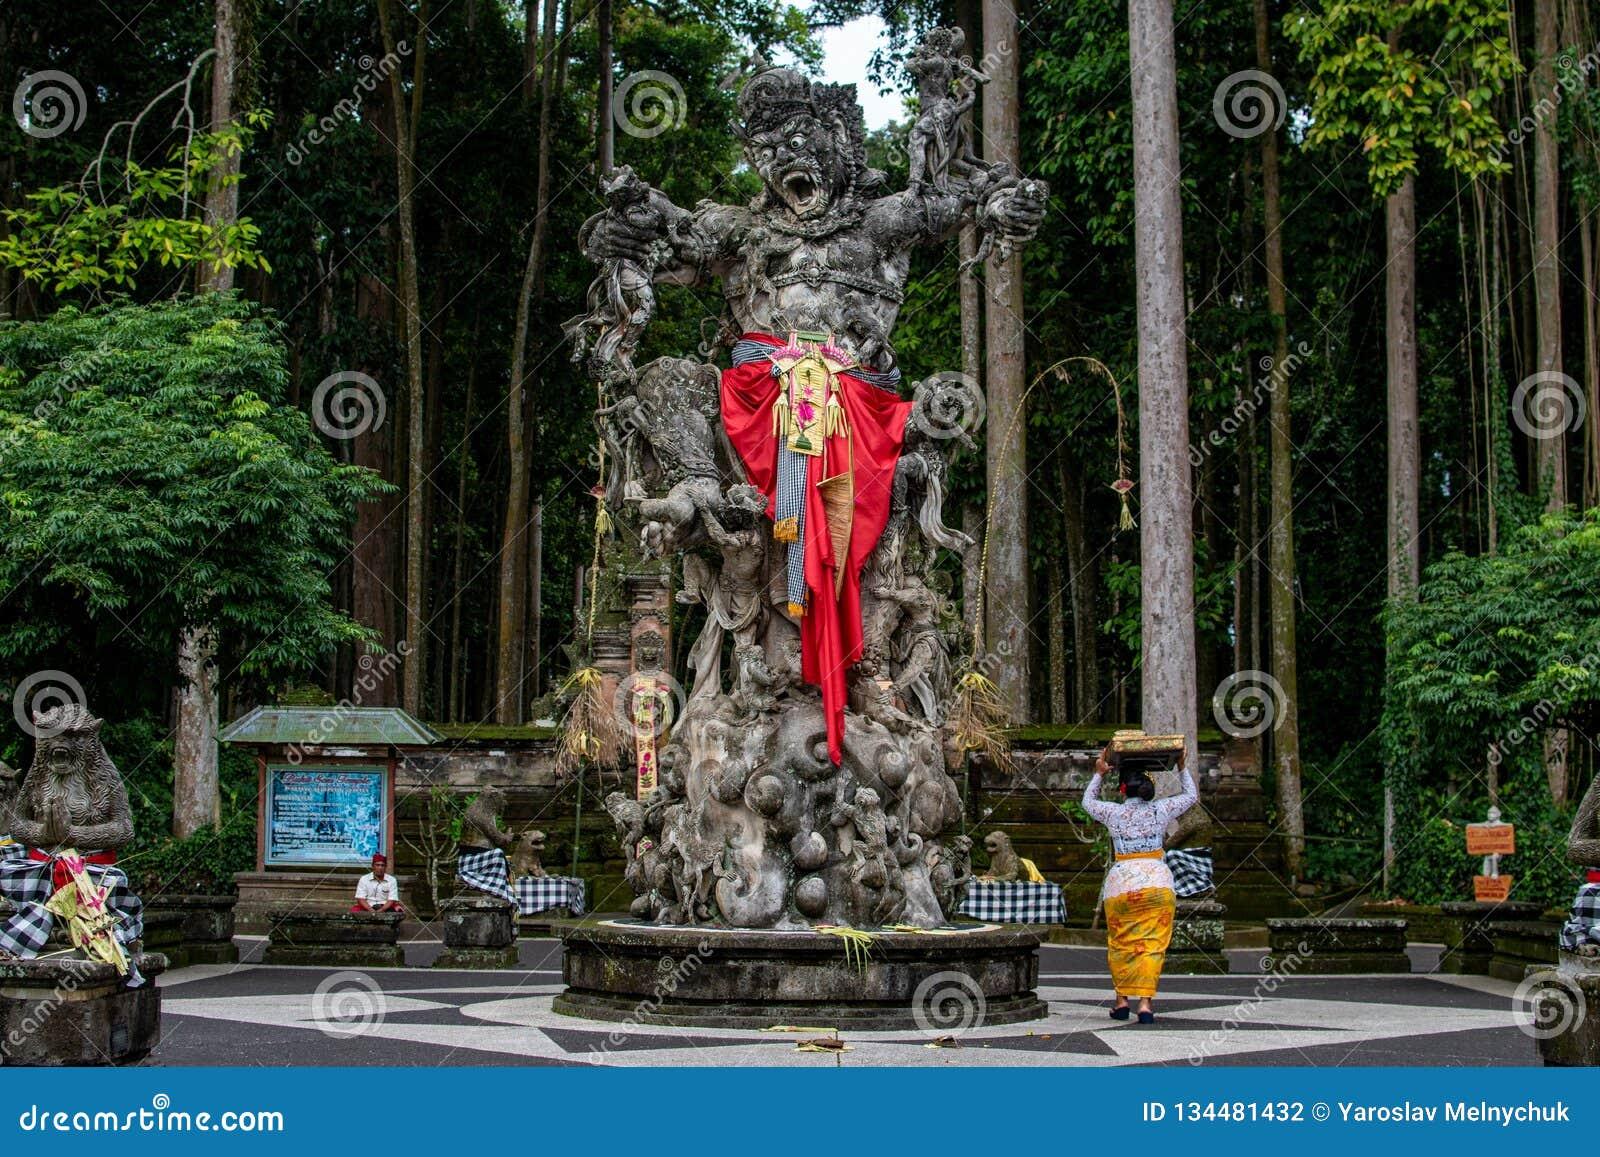 Procissão de mulheres bonitas do Balinese em trajes tradicionais - sarongues, indo à cerimônia hindu perto do monumento grande do